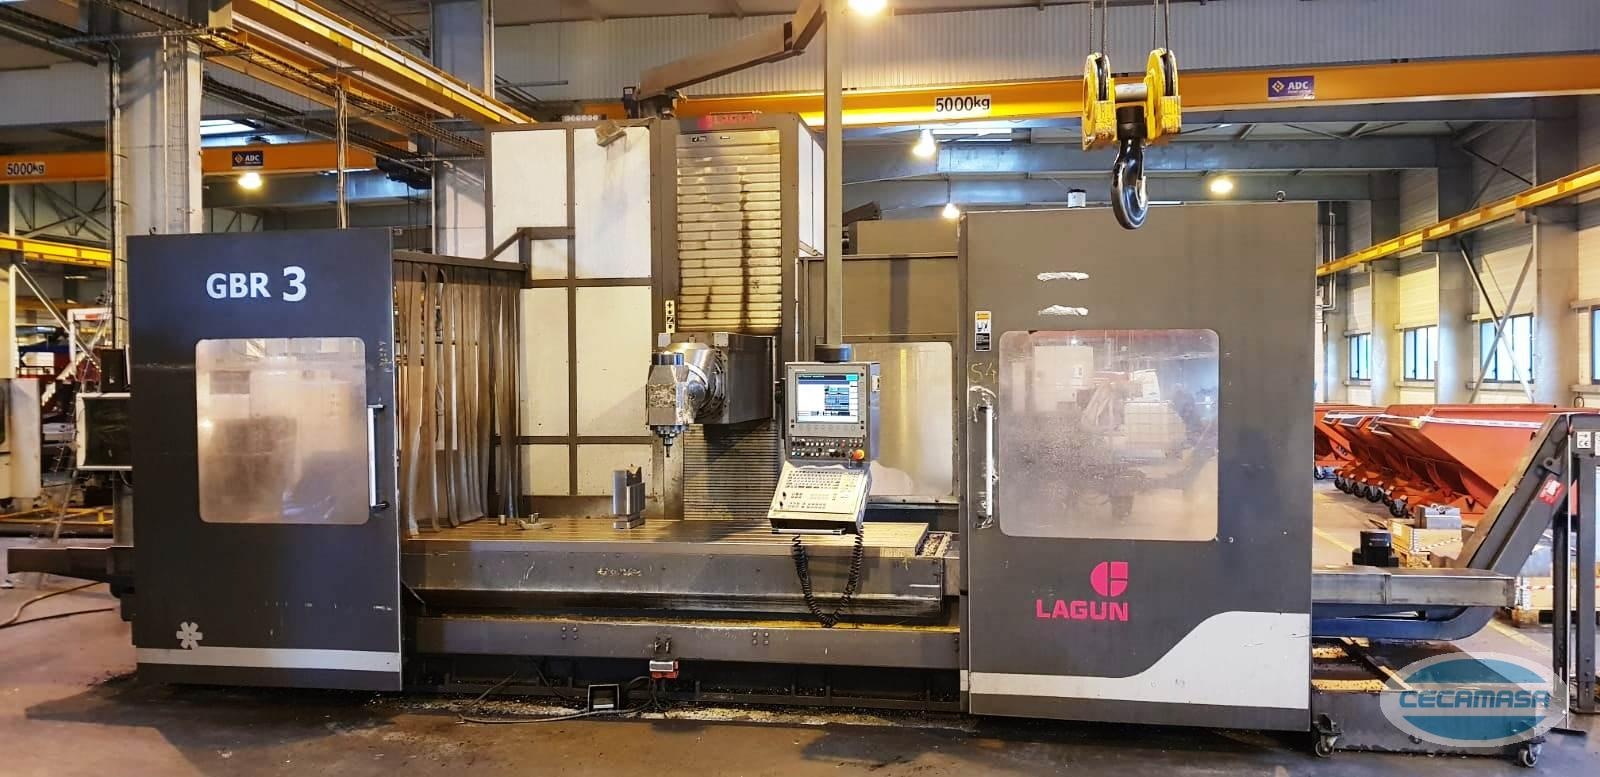 Fräsmaschine LAGUN GBR 3